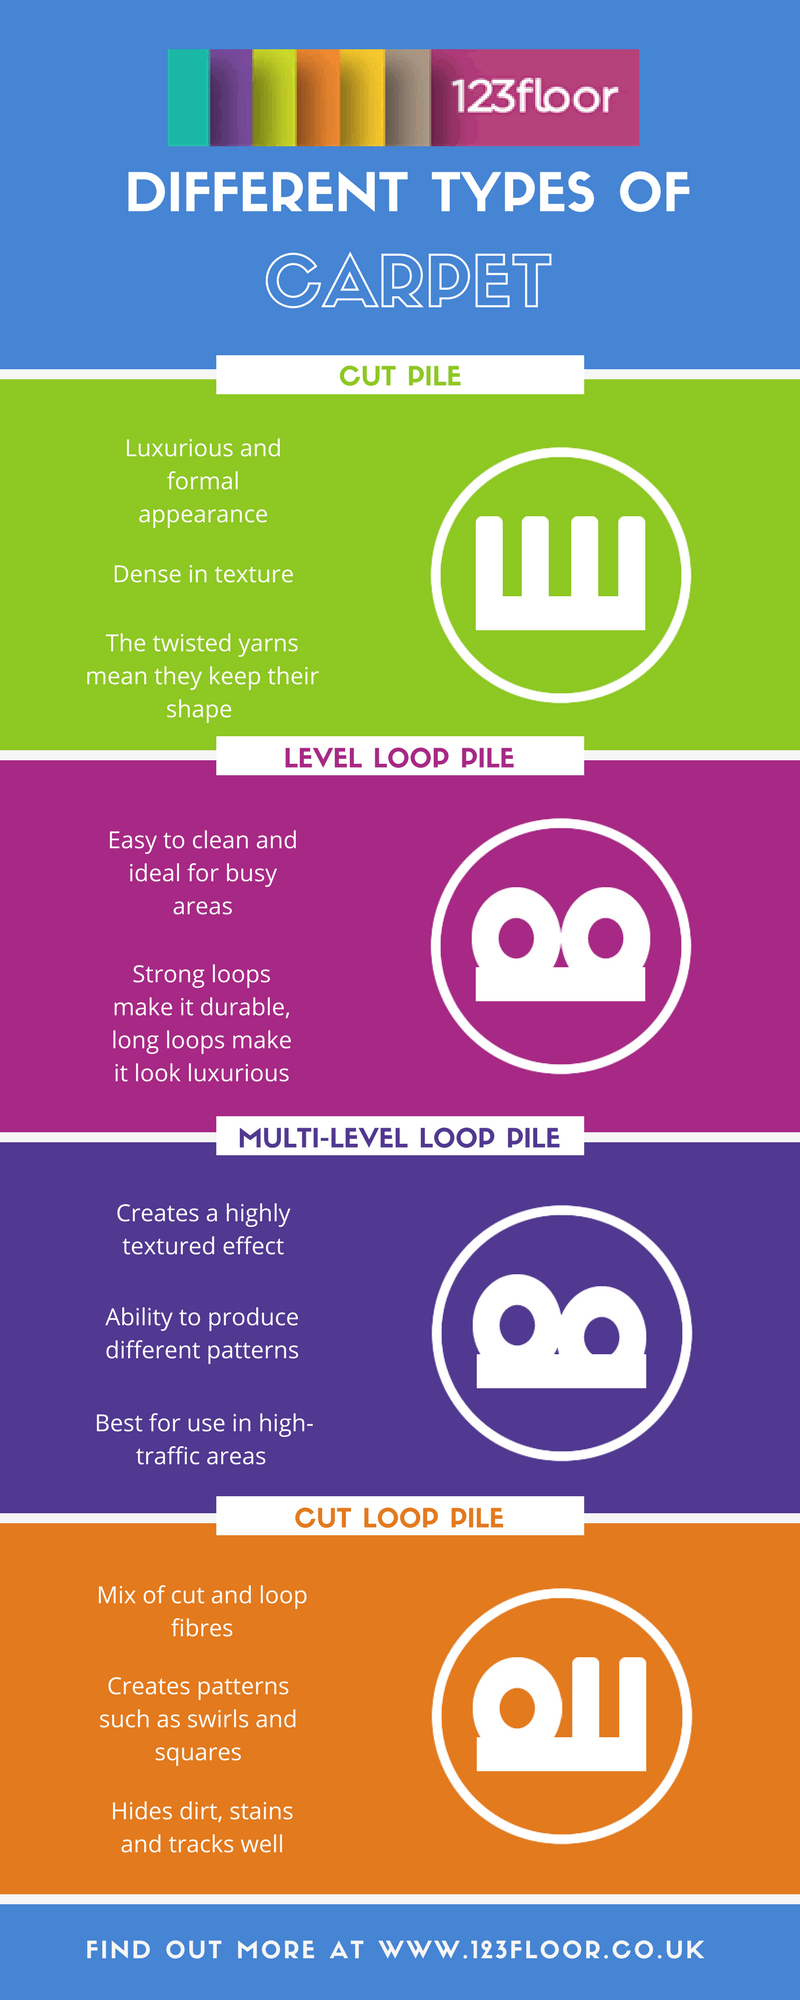 carpet-types-infographic-lkrllc